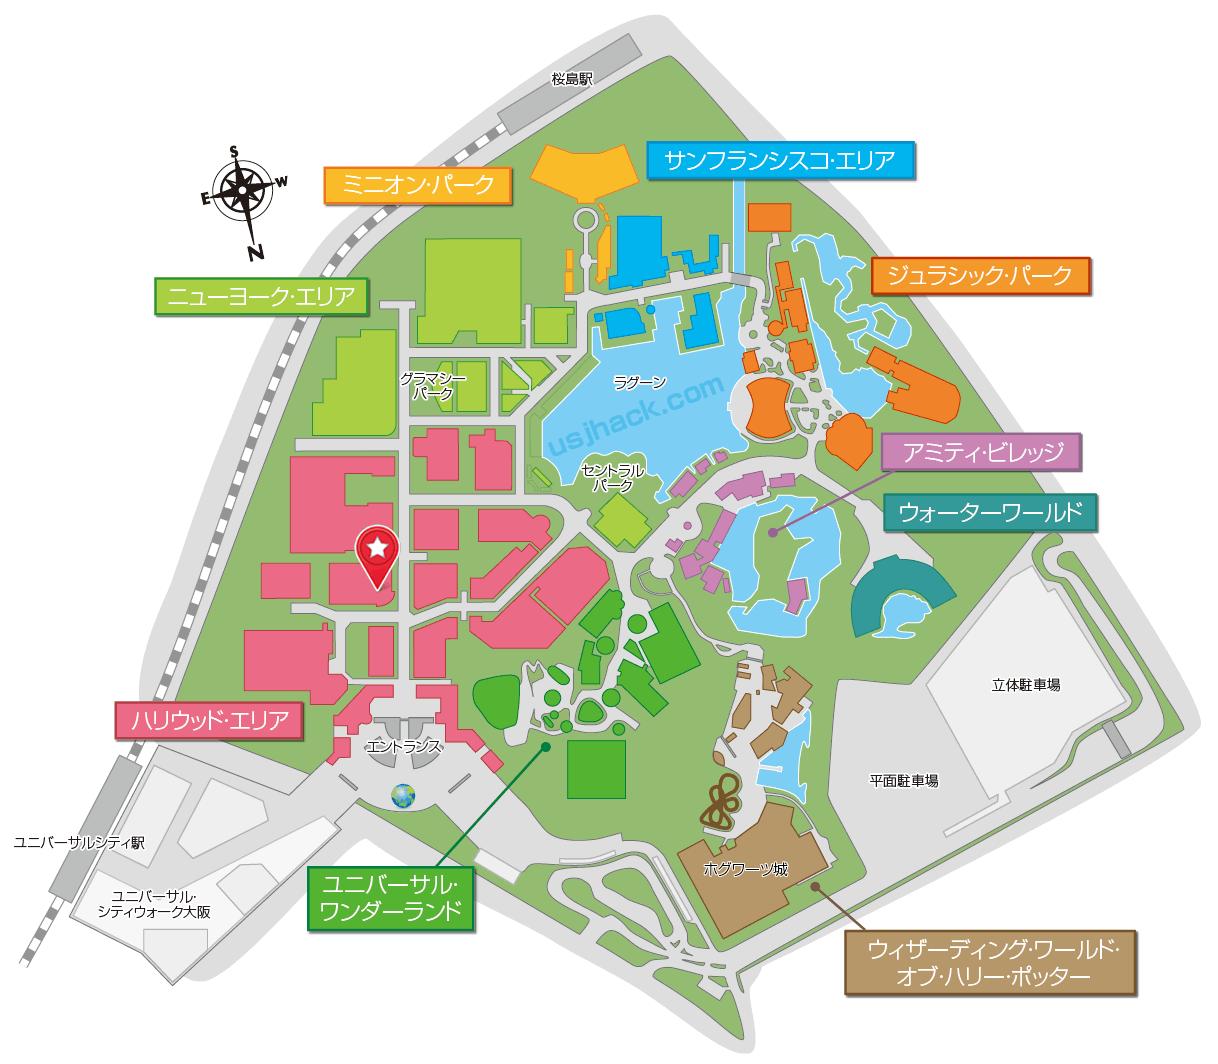 マップで見る「シュレック4-Dアドベンチャー」の場所